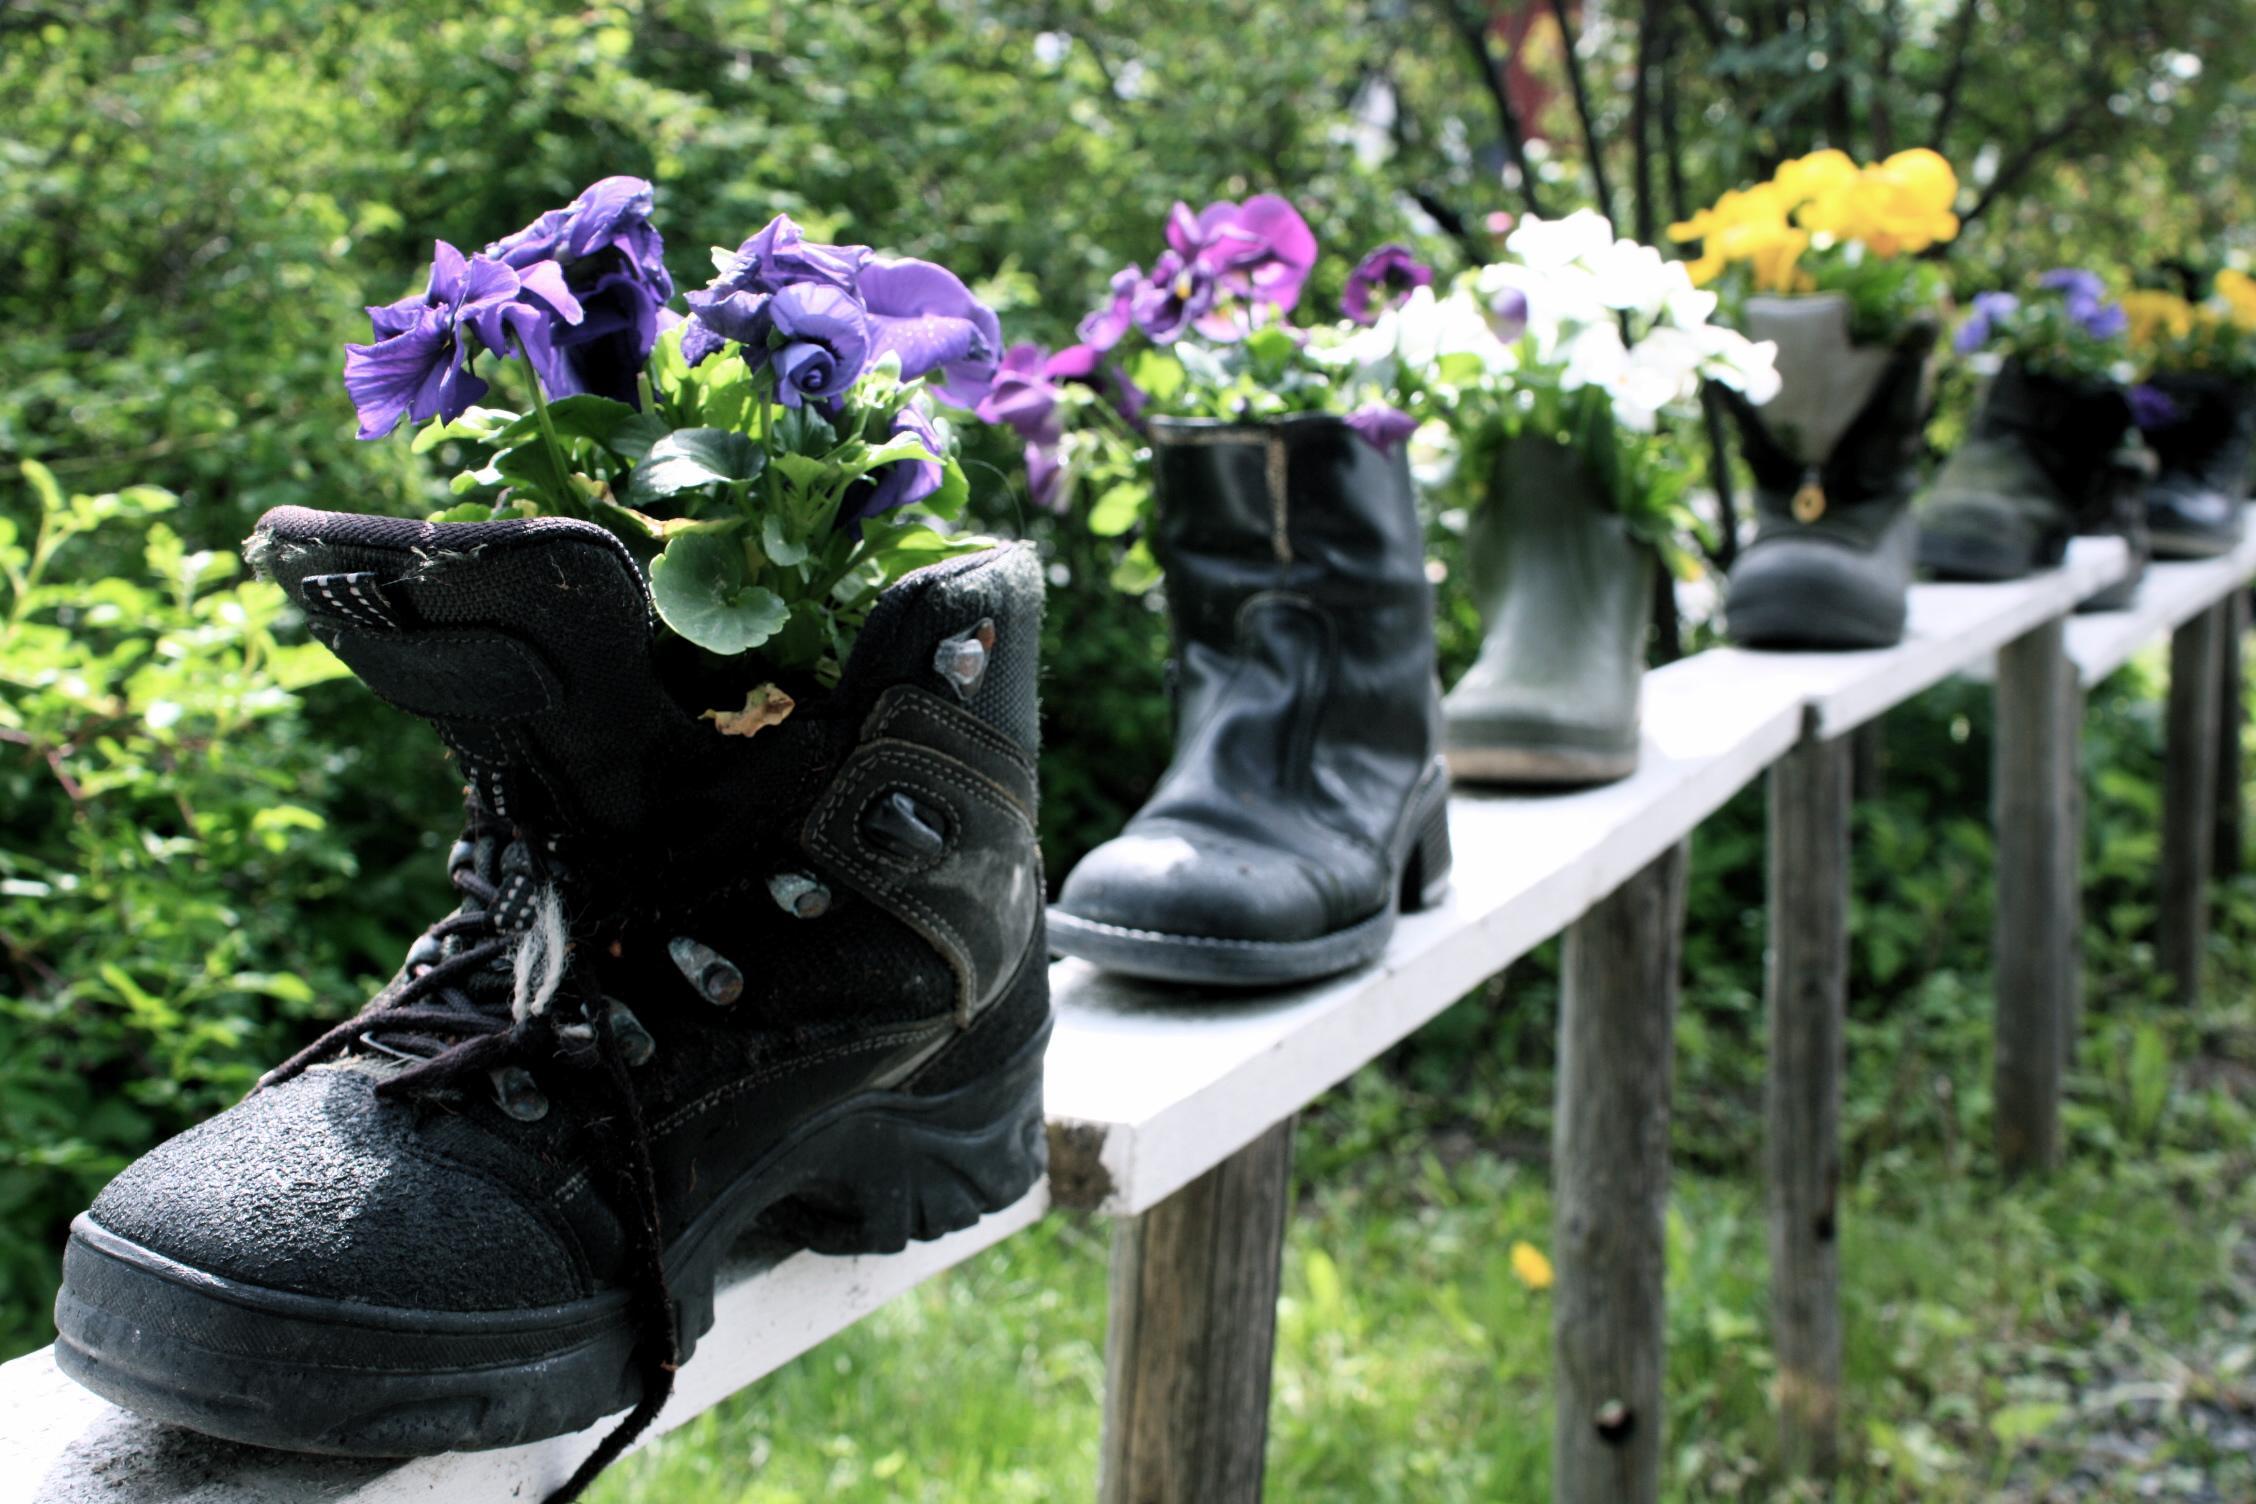 Kengät kukkimaan